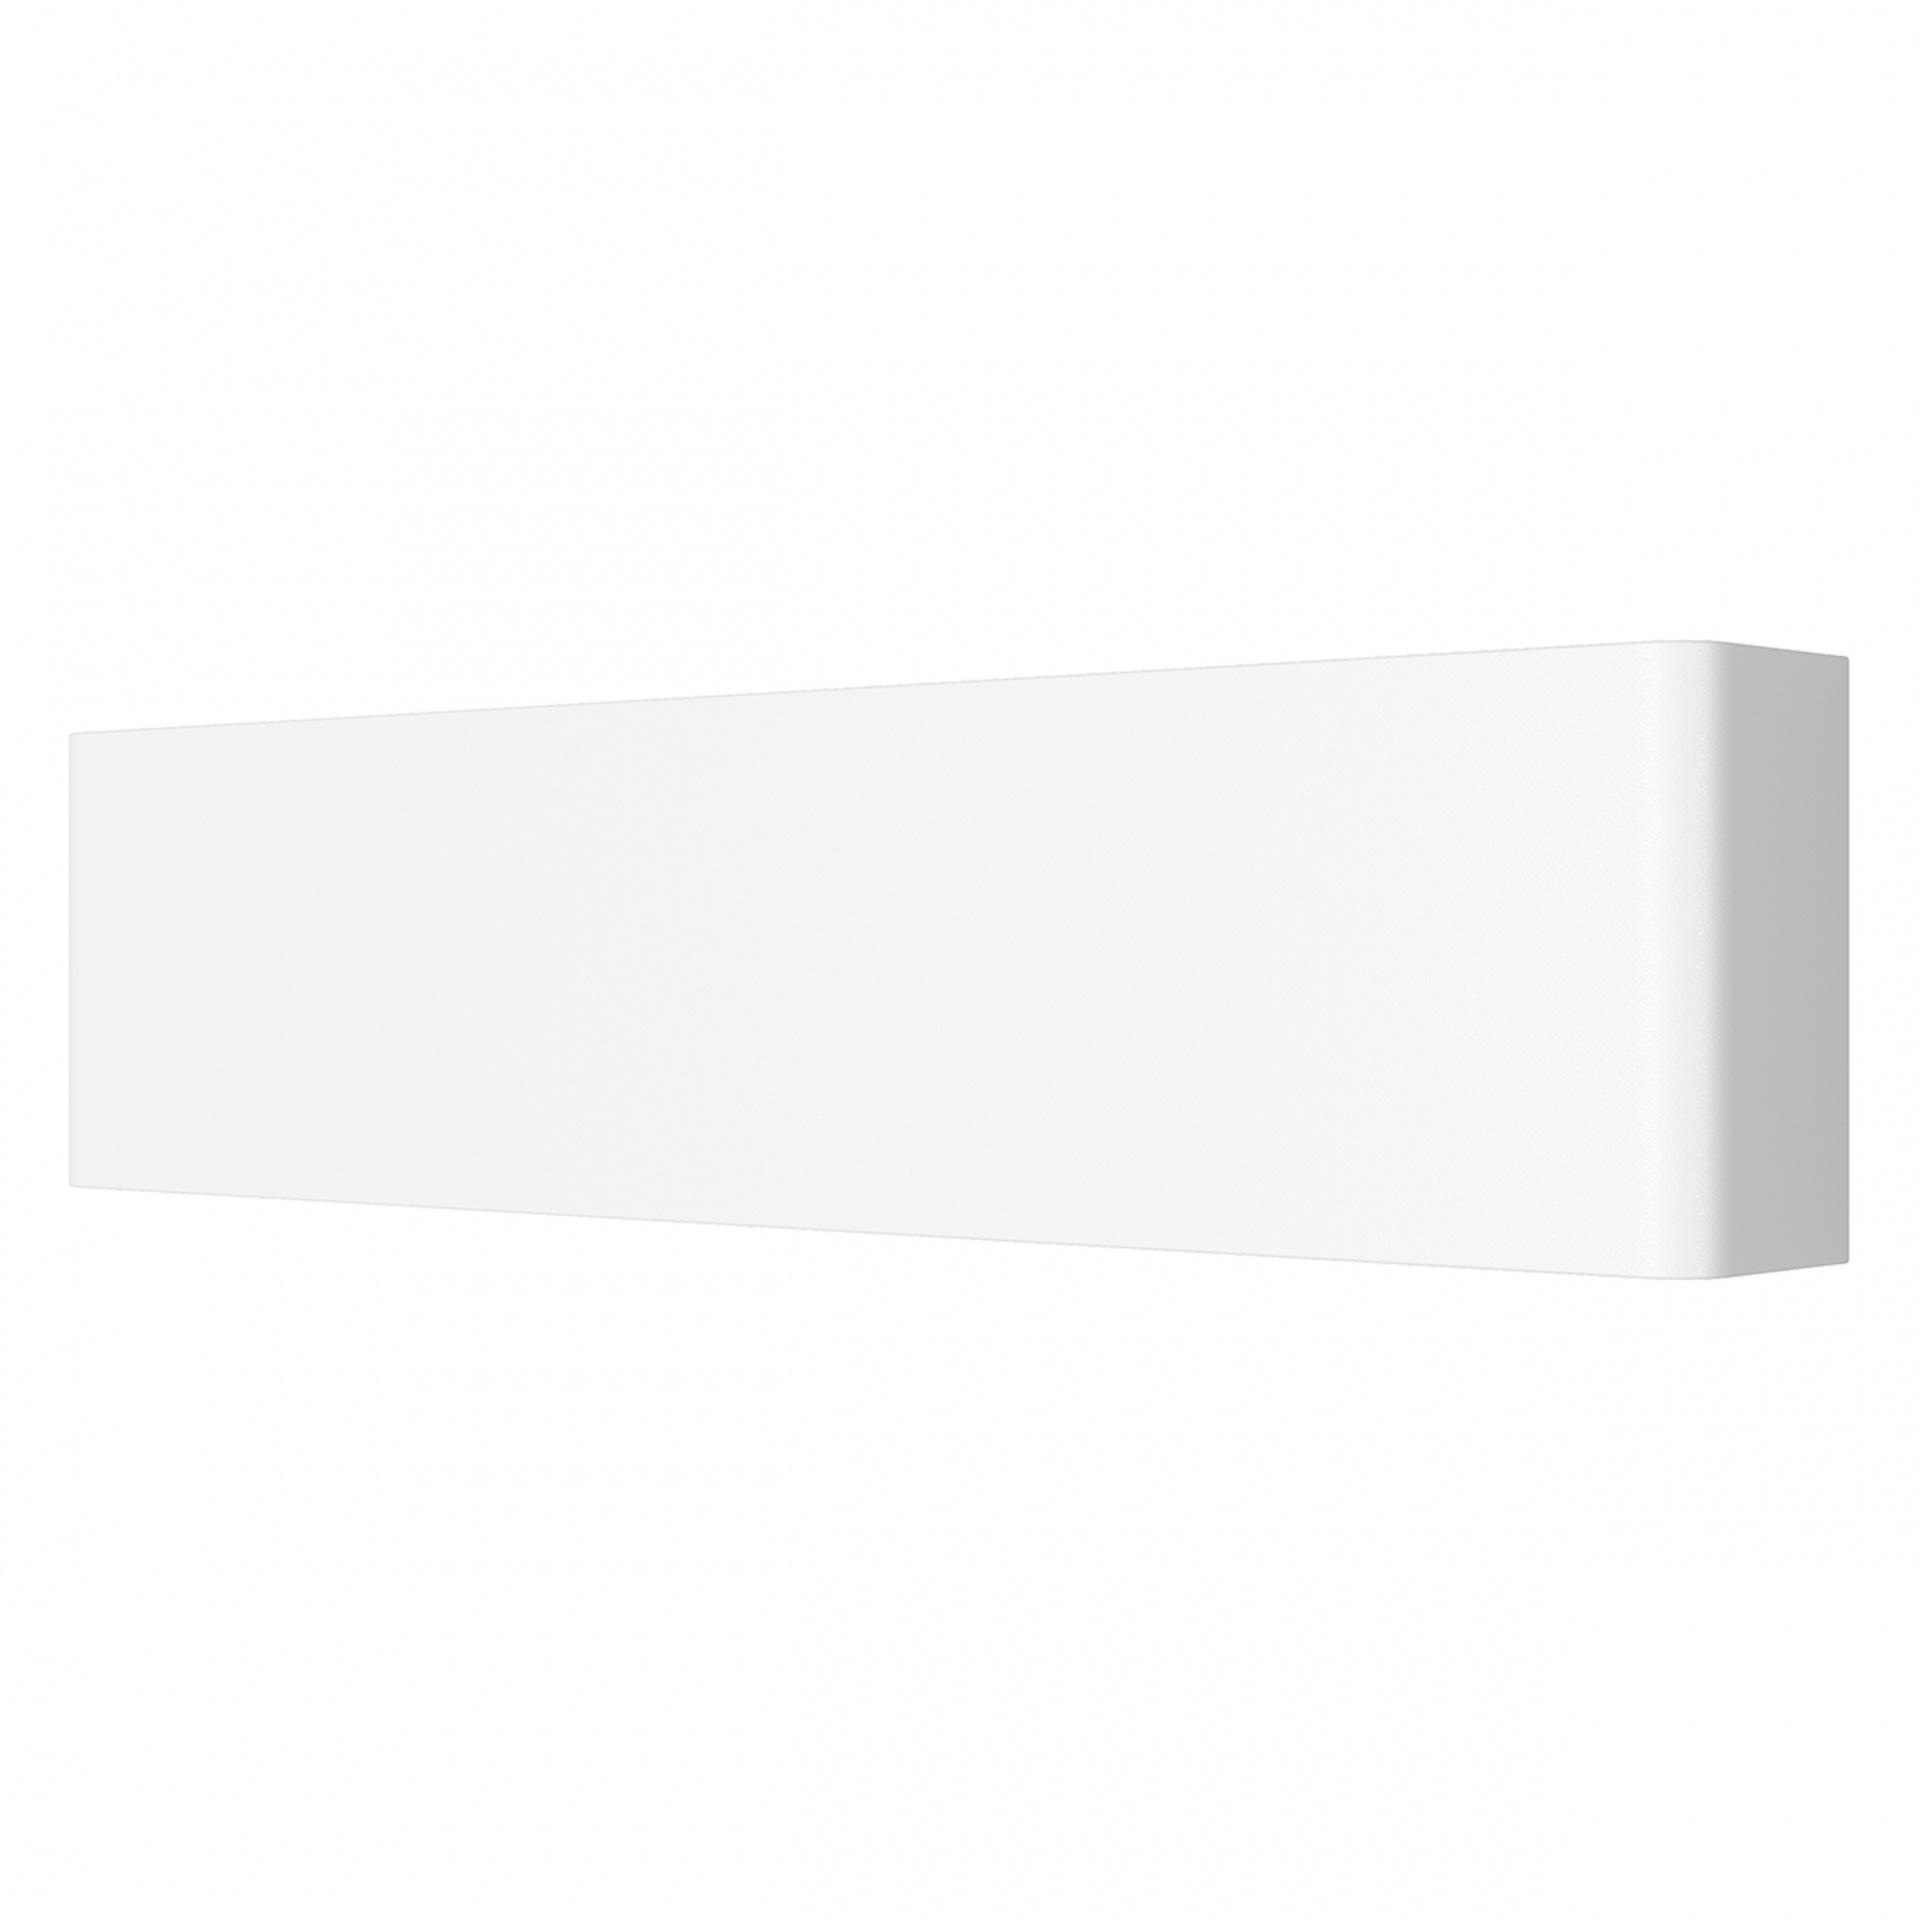 Бра Fiume 10W 950LM матовый белый 3000K Lightstar 810516, купить в СПб, Москве, с доставкой, Санкт-Петербург, интернет-магазин люстр и светильников Starlight, фото в жизни